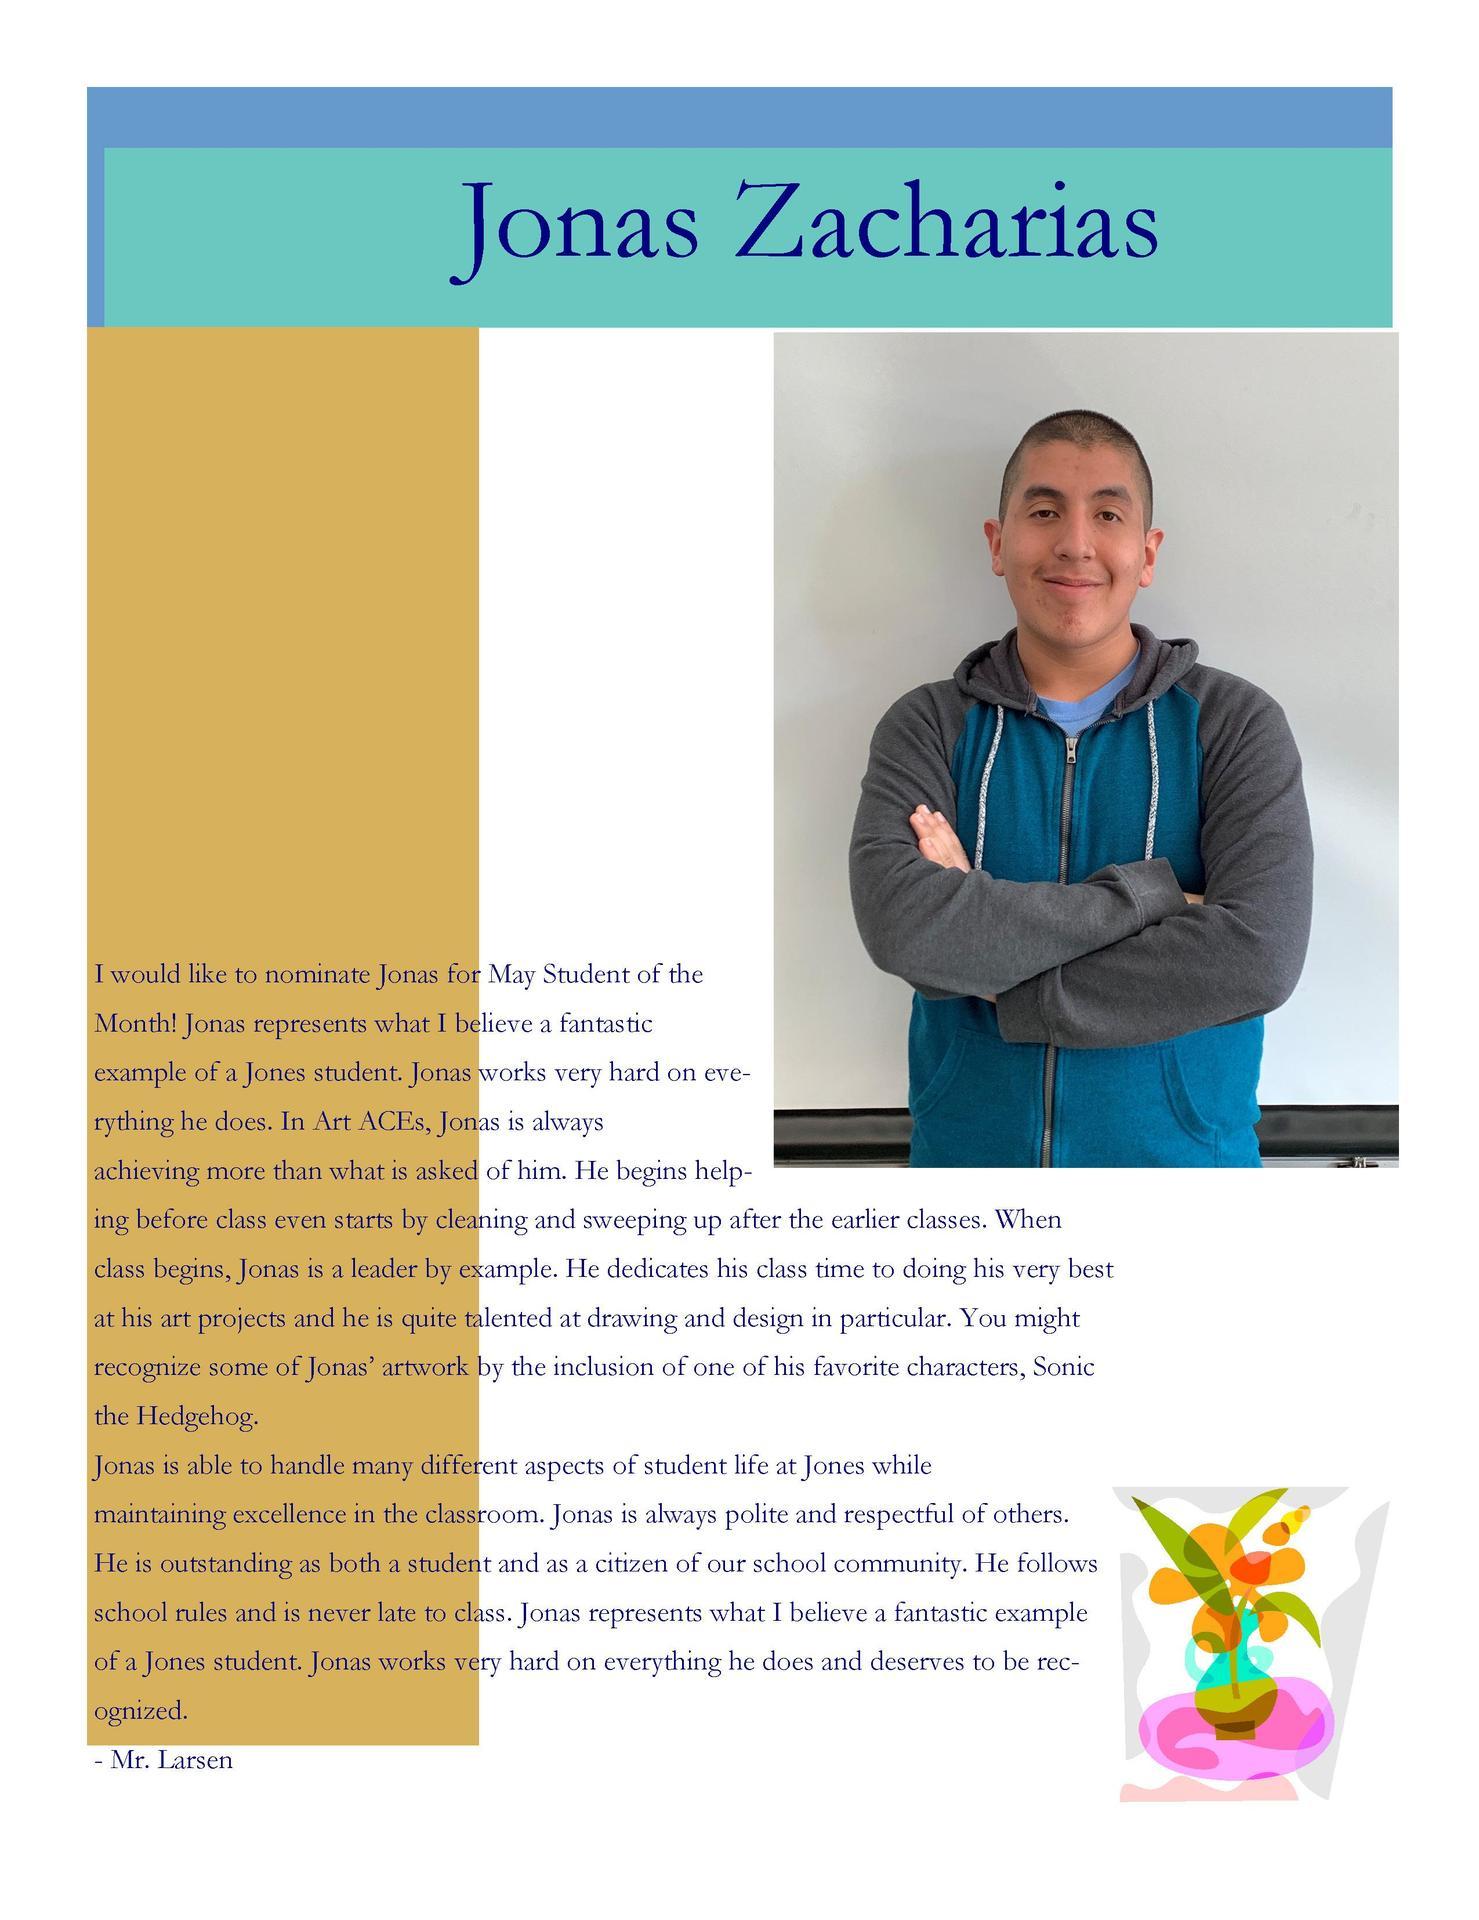 Image of Jonas Zacharias